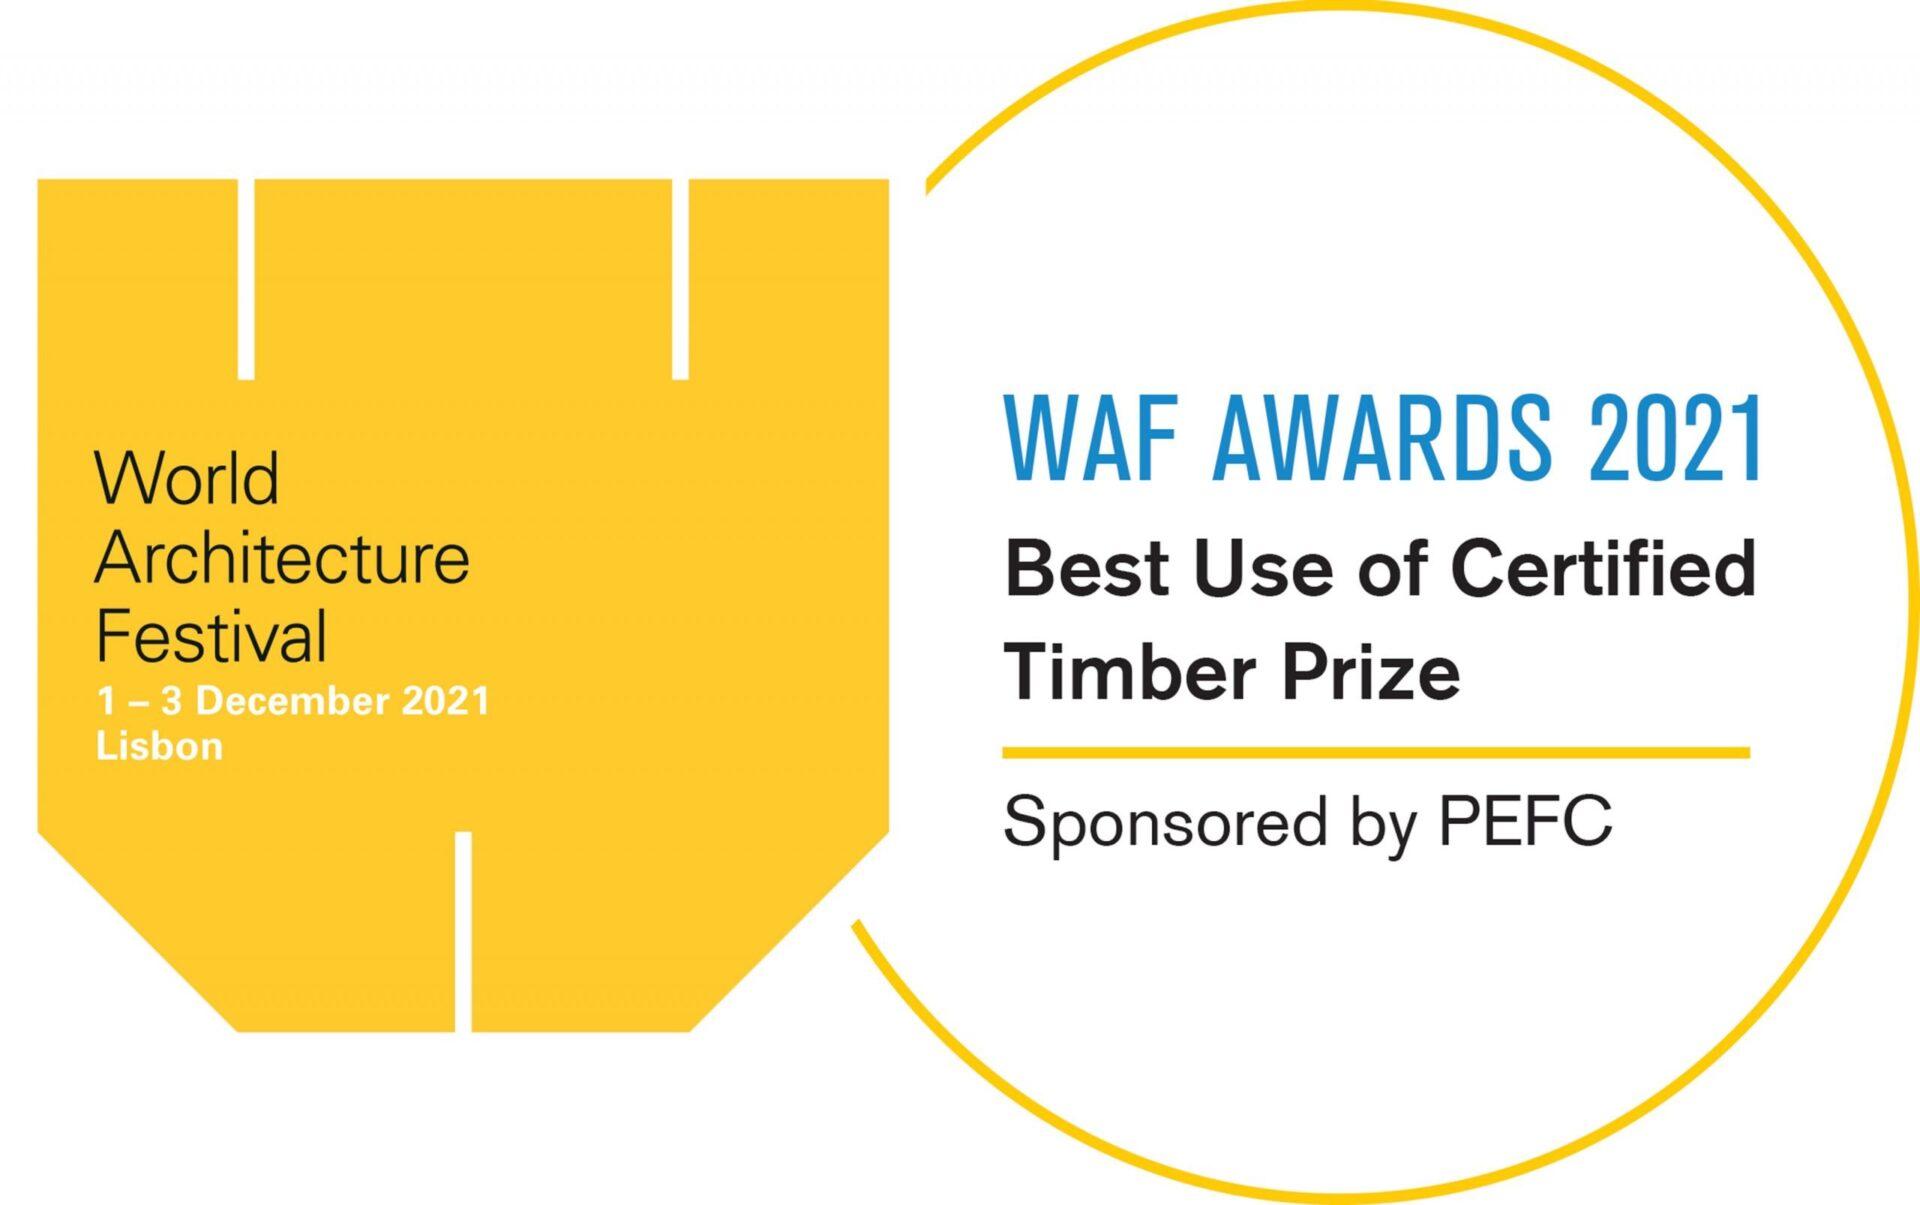 Premio al mejor uso de la madera certificada 2021: el World Architecture Festival anuncia nuevas fechas.